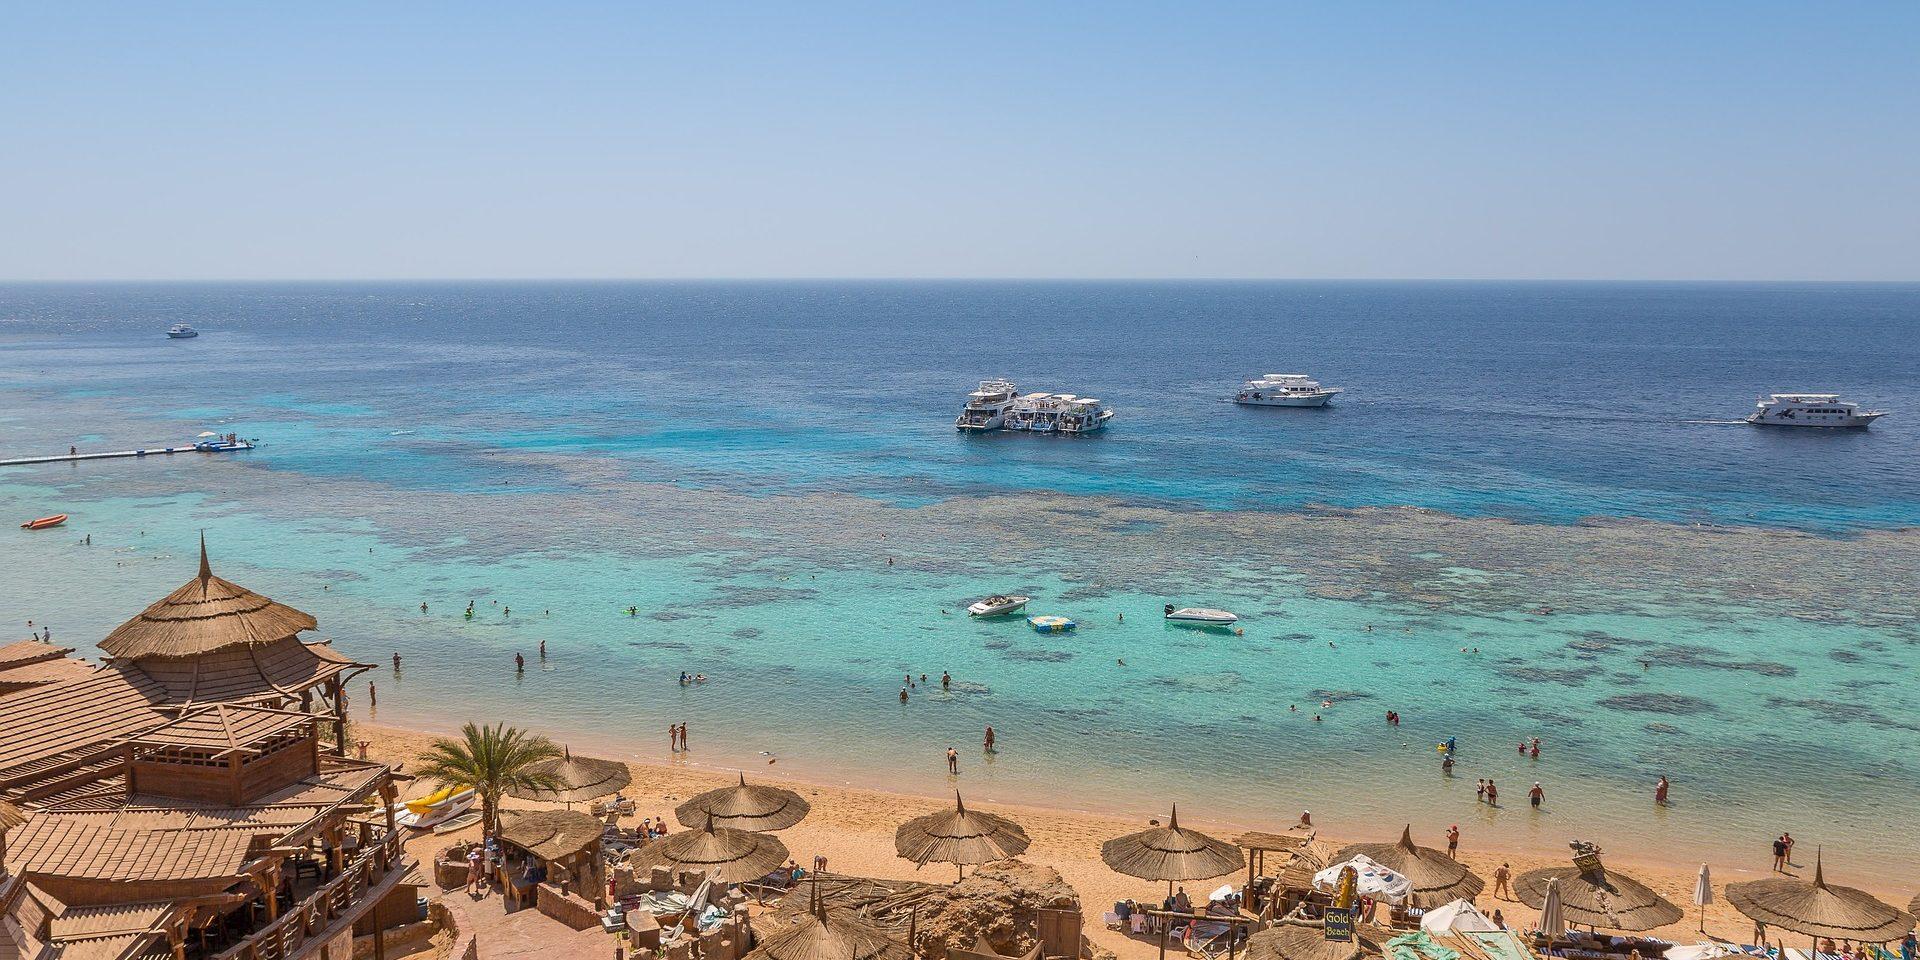 egypt-938993_1920